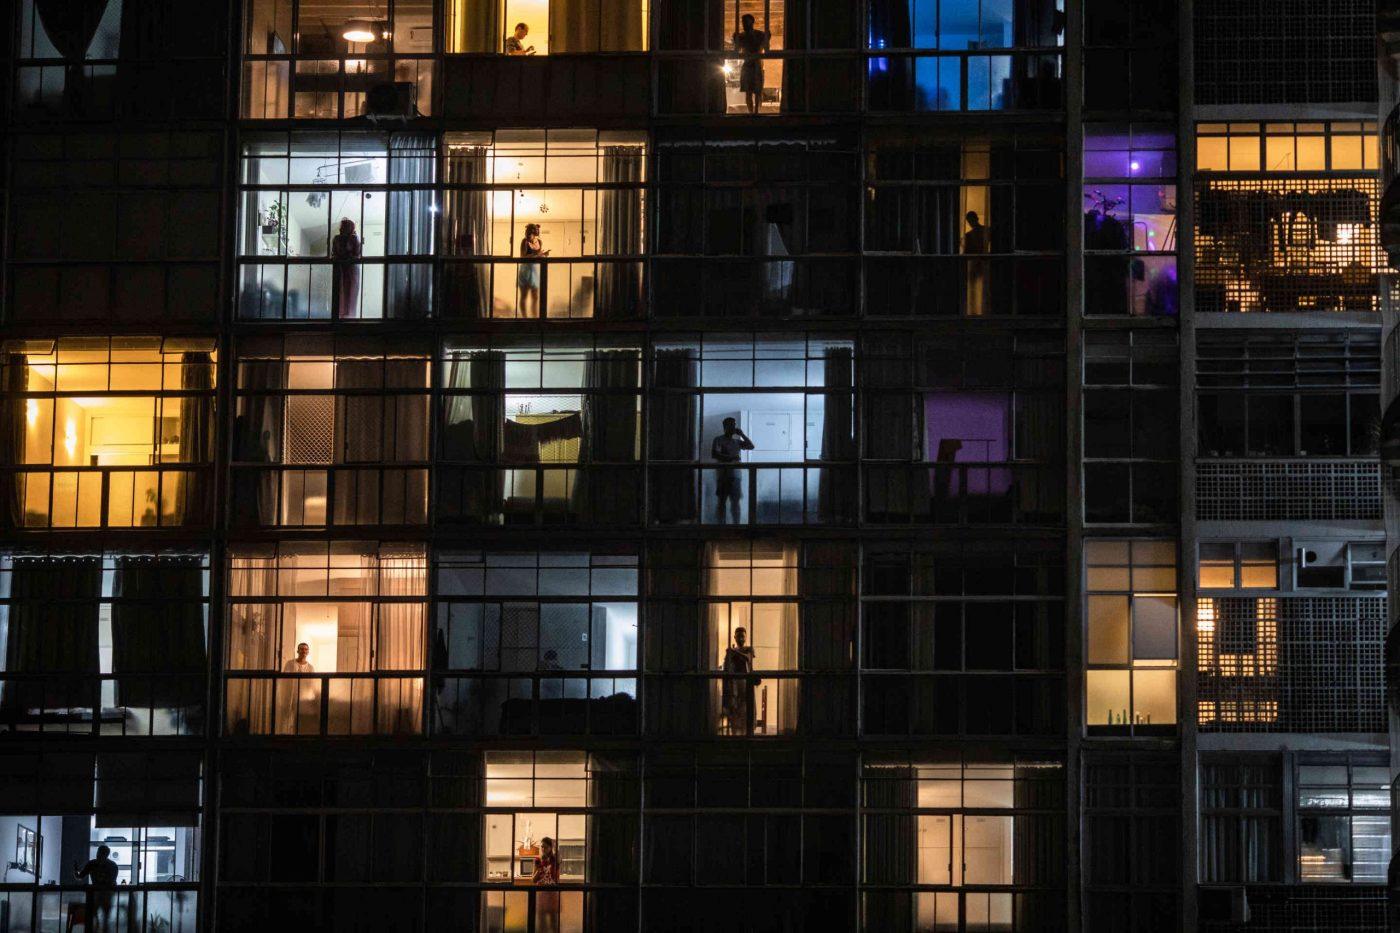 New York Times ciudades vacias por cuarentena (9)